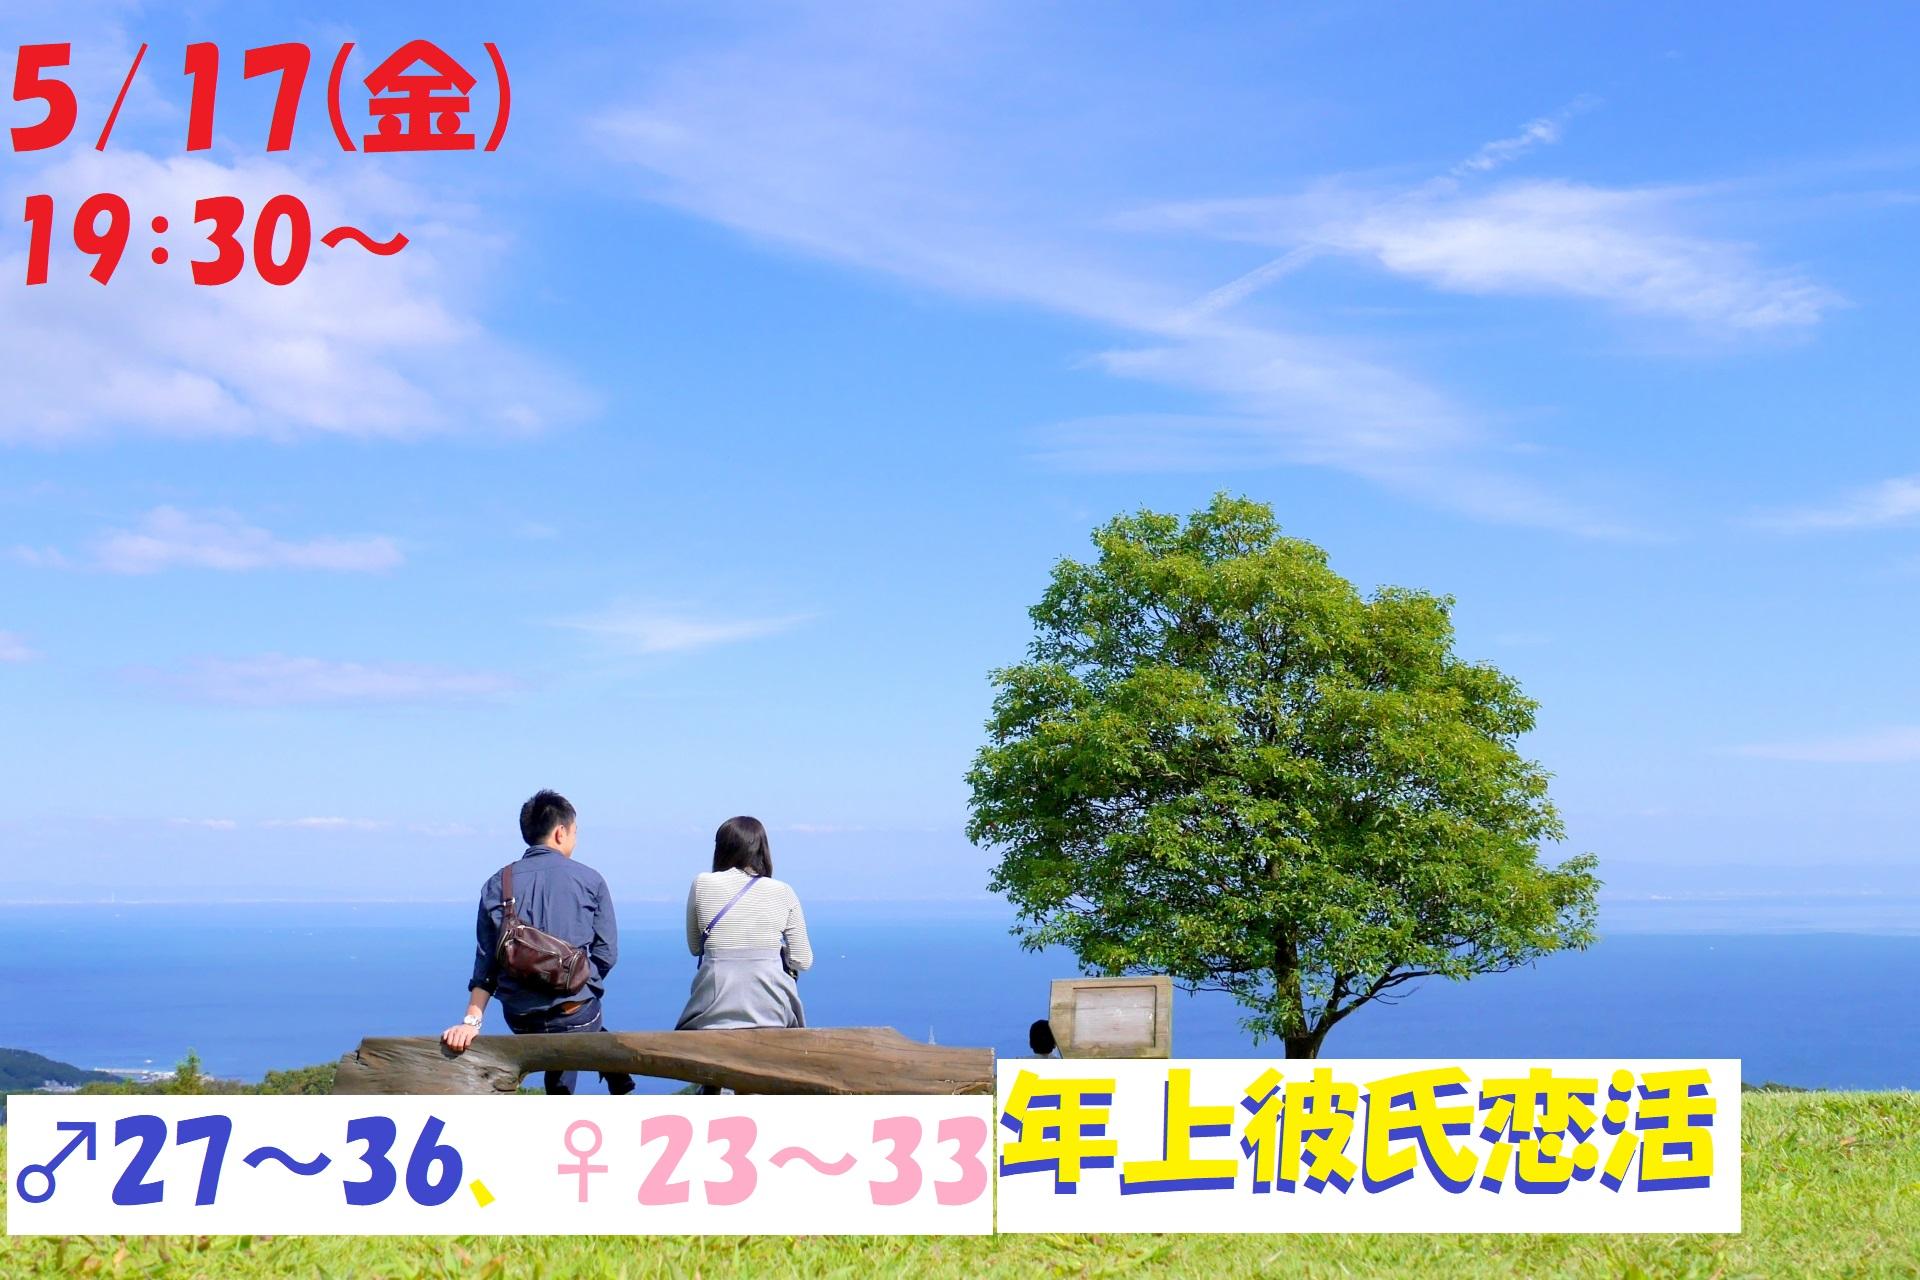 【終了】5月17日(金)19時30分~【男性27~36歳,女性23~33歳】ちょっぴり年上彼氏恋活